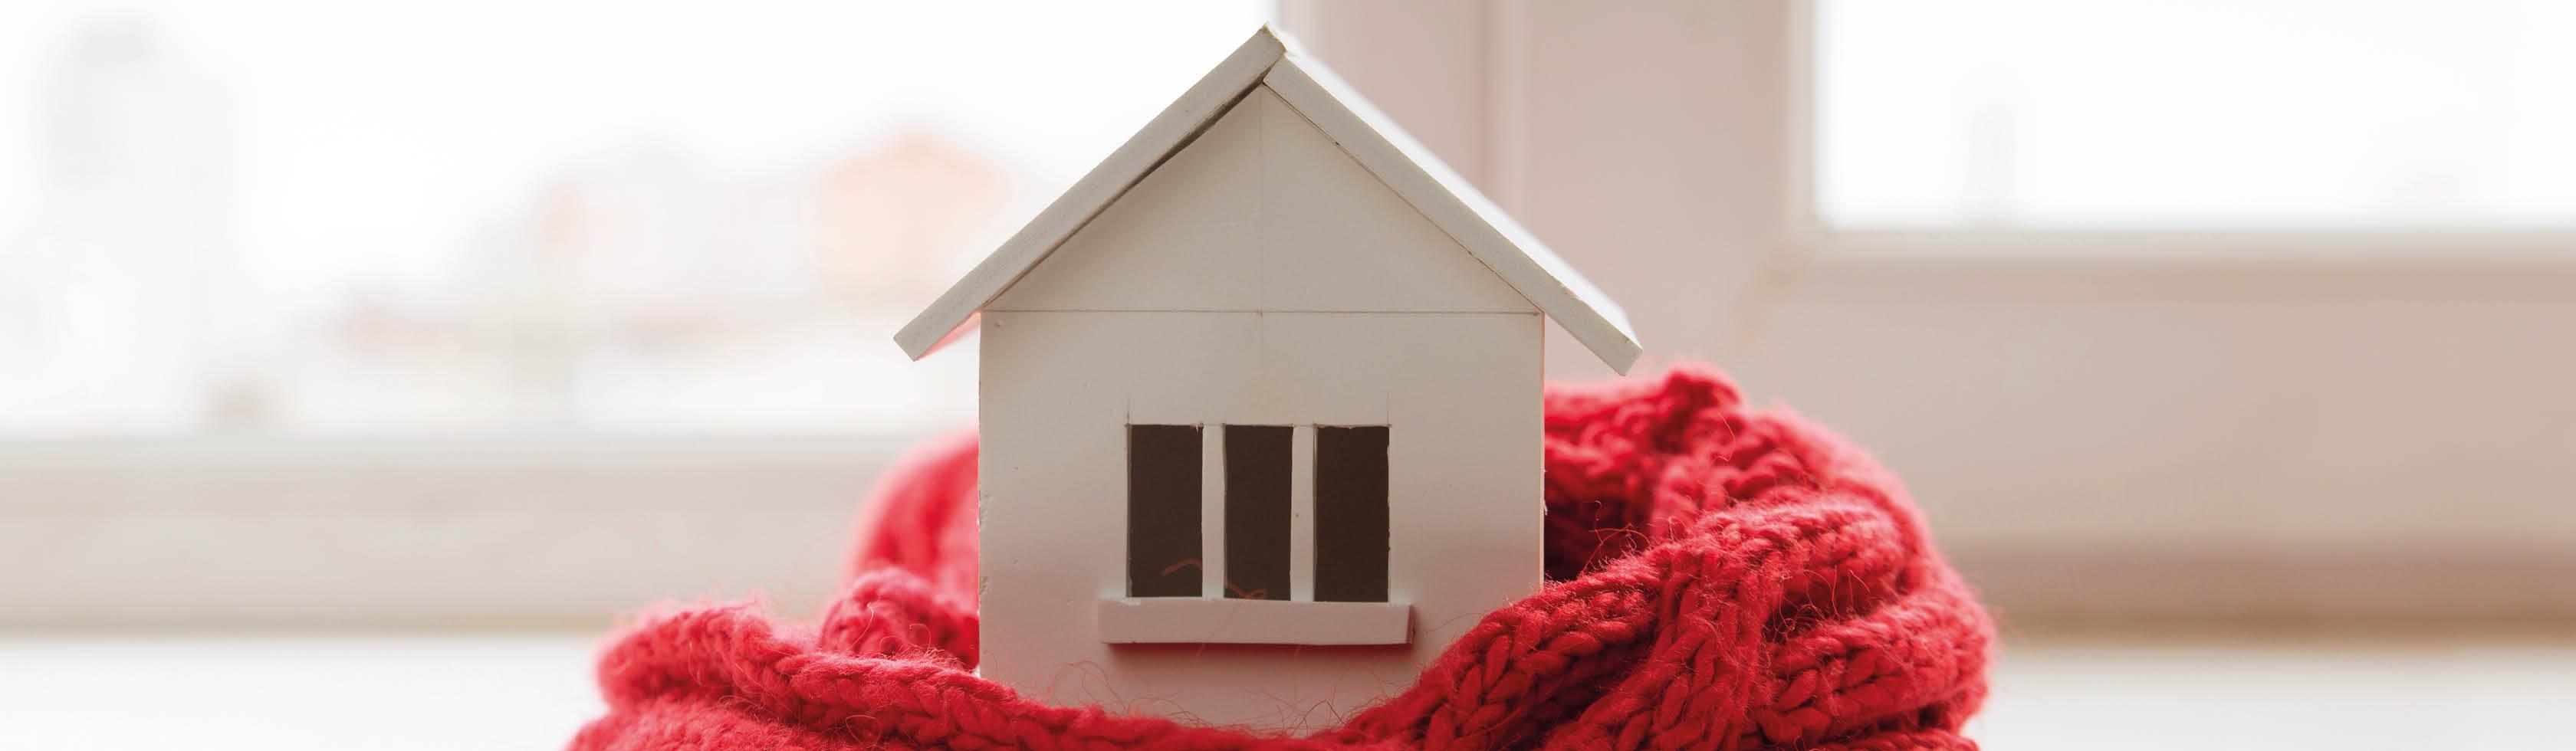 Versteckte Mängel Hauskauf Altbau